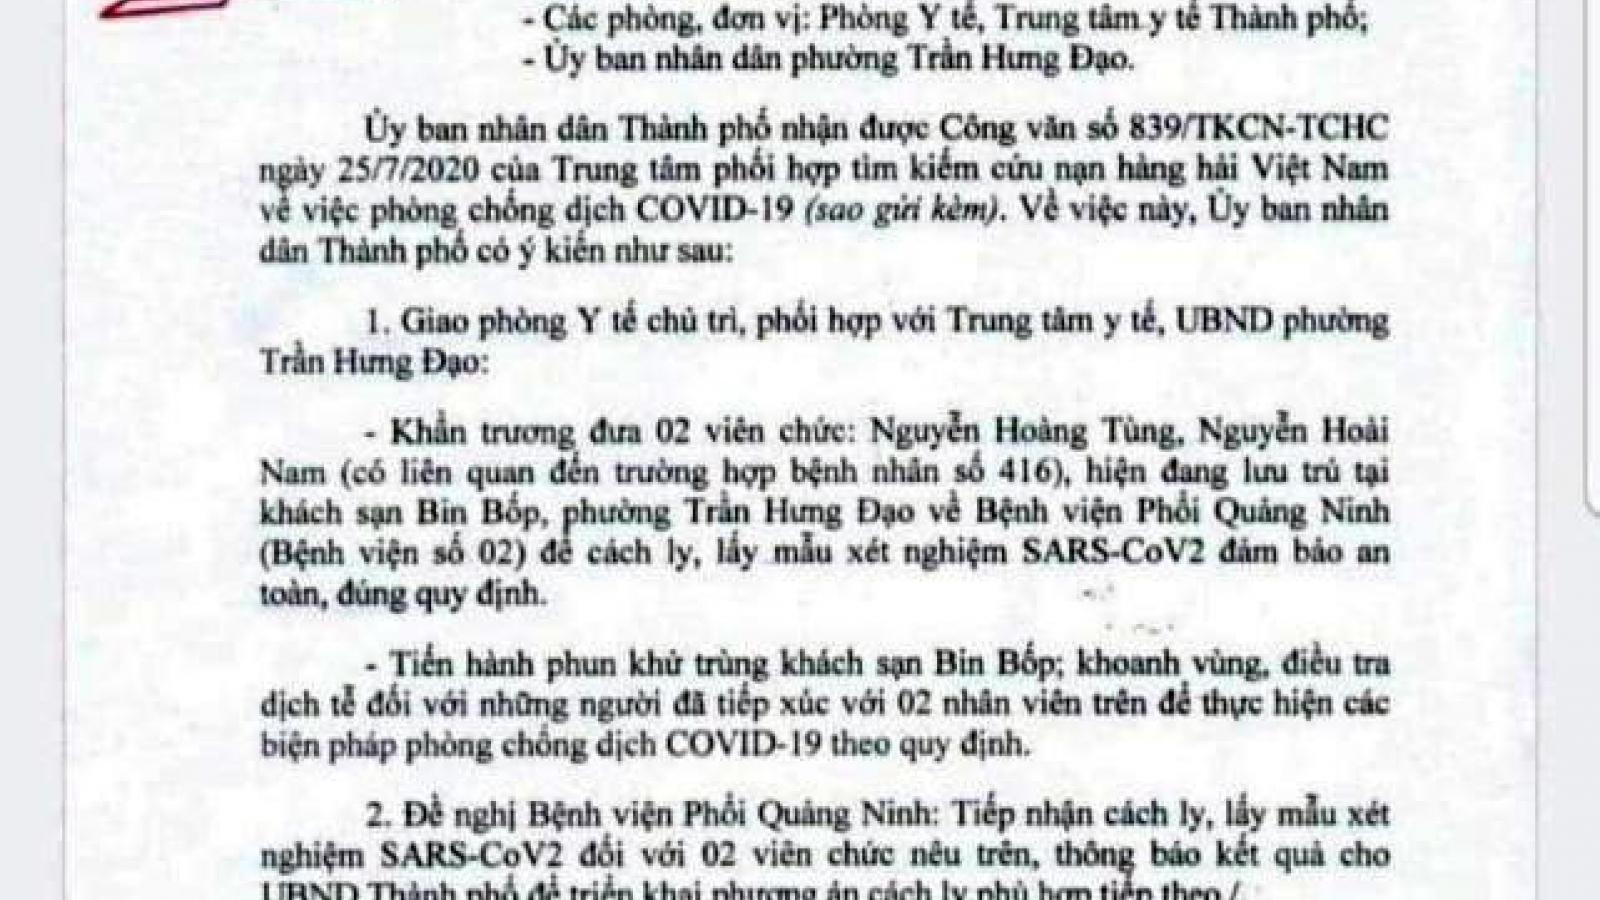 Quảng Ninh cách ly 2 trường hợp liên quan tới bệnh nhân 416